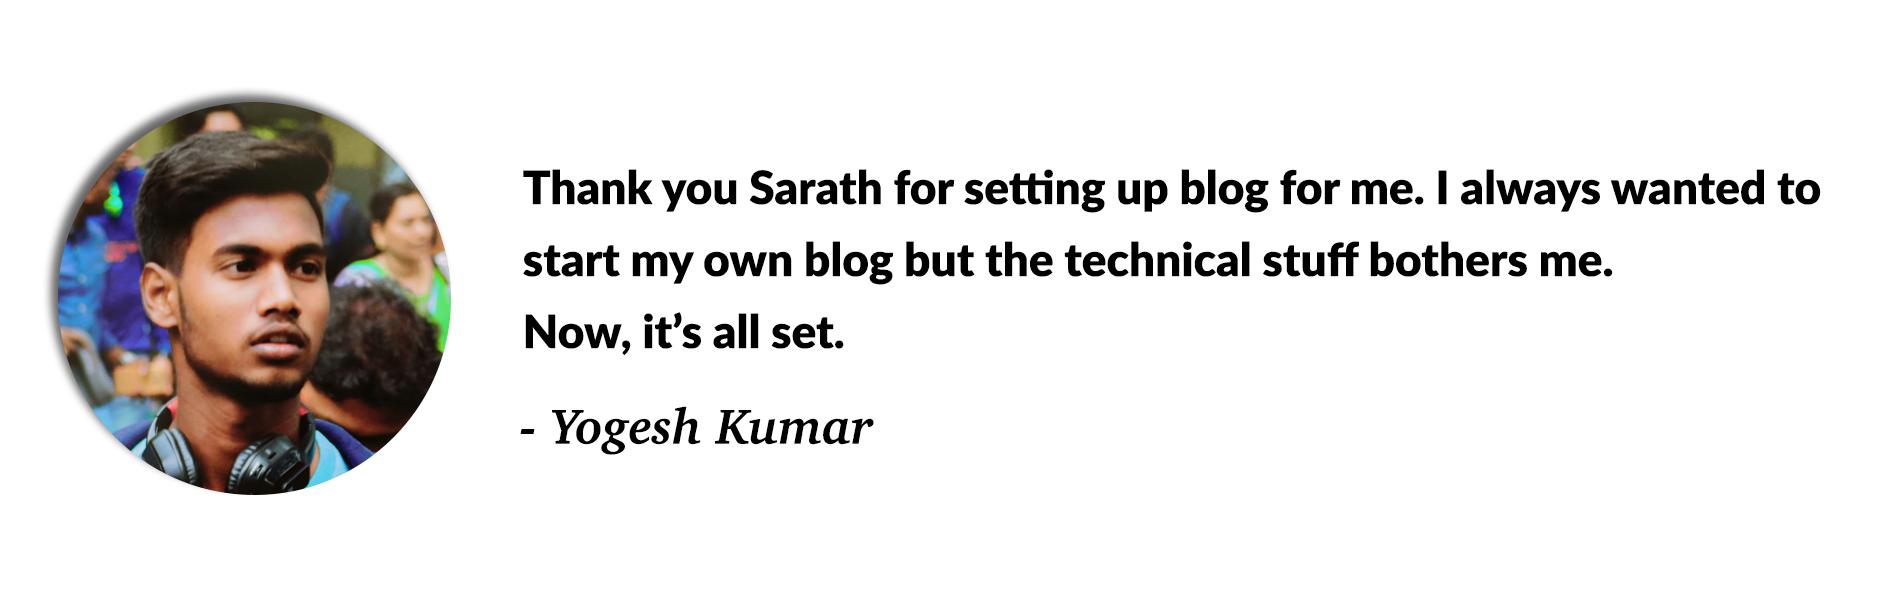 Free Blog Setup Review - Rajesh Ladi